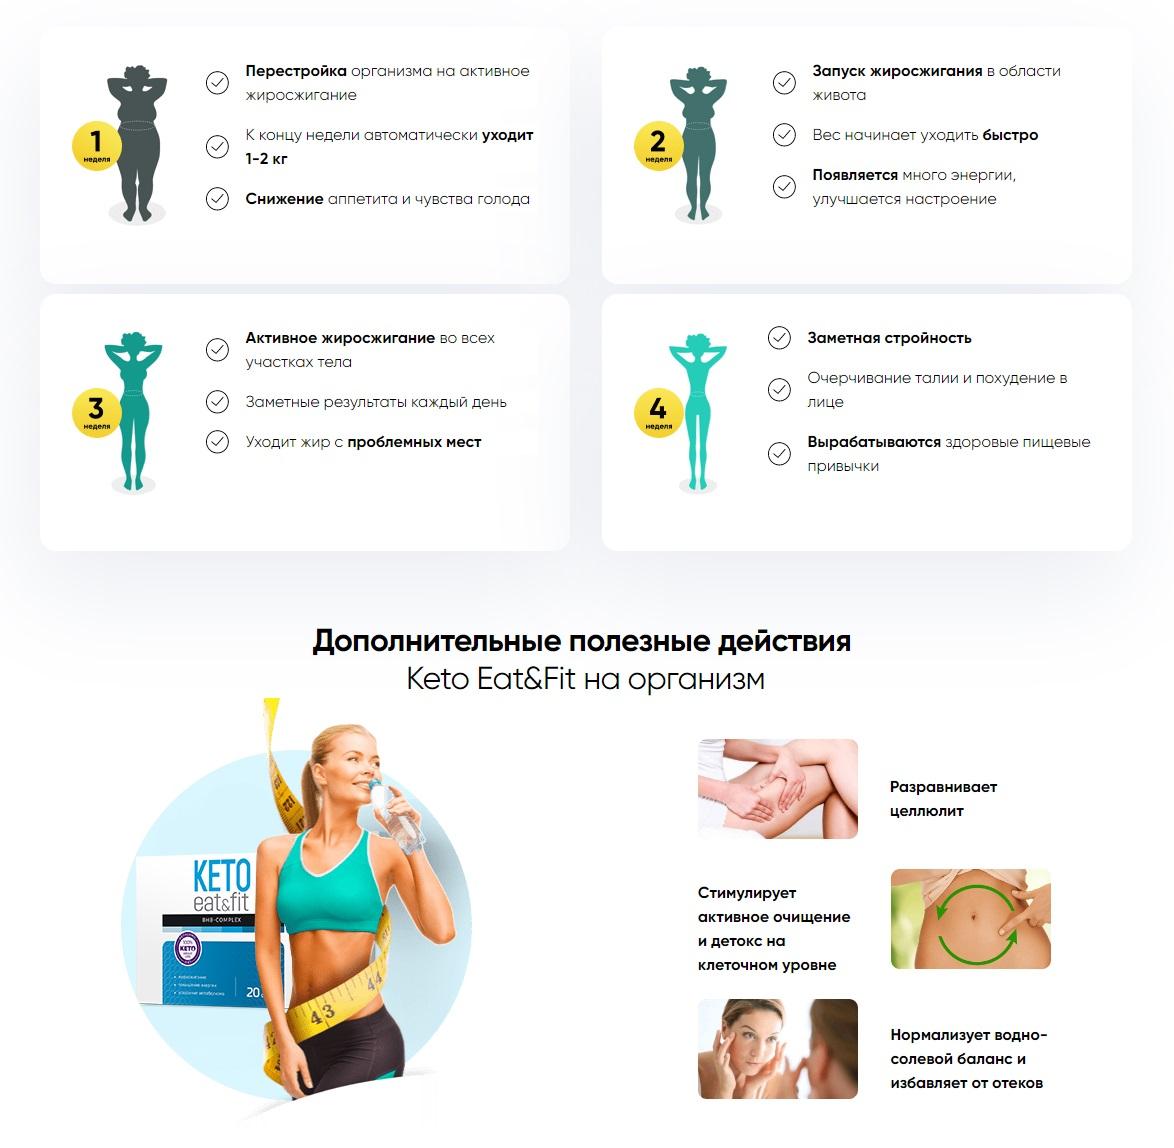 Экстремальное жиросжигание с помощью кето-диеты и четырех видов тренинга